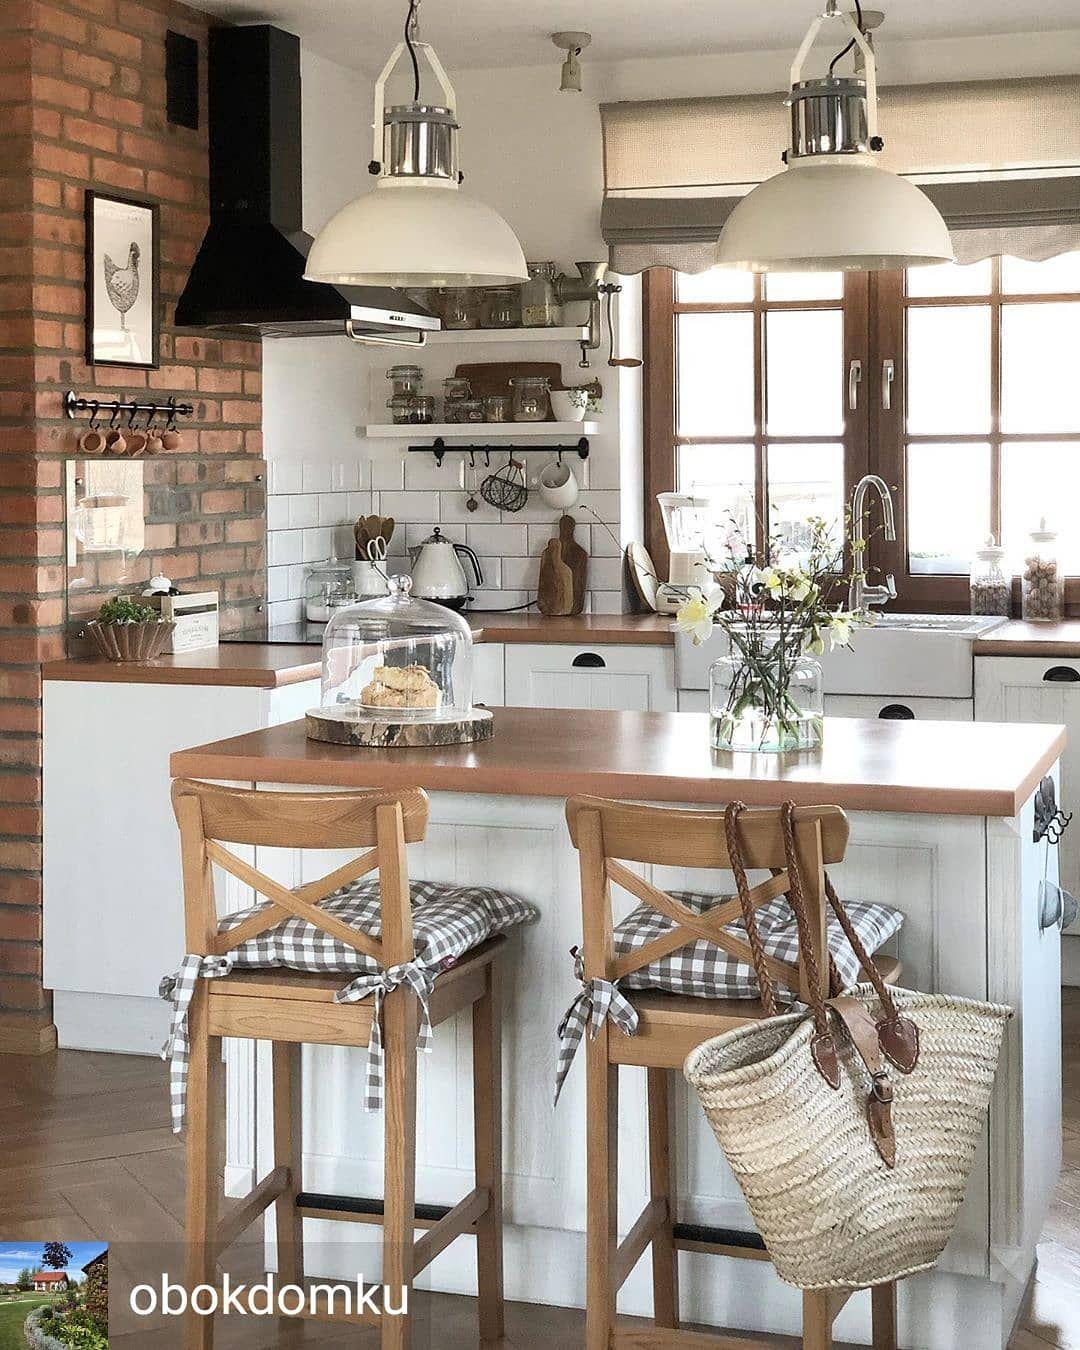 Przedstawiamy Piekna Aranzacje Kuchni Obokdomku Kuchnia Wnetrzazesmakiem Kuchenneinspiracje Kitchen Design Small Home Kitchens Farmhouse Kitchen Design